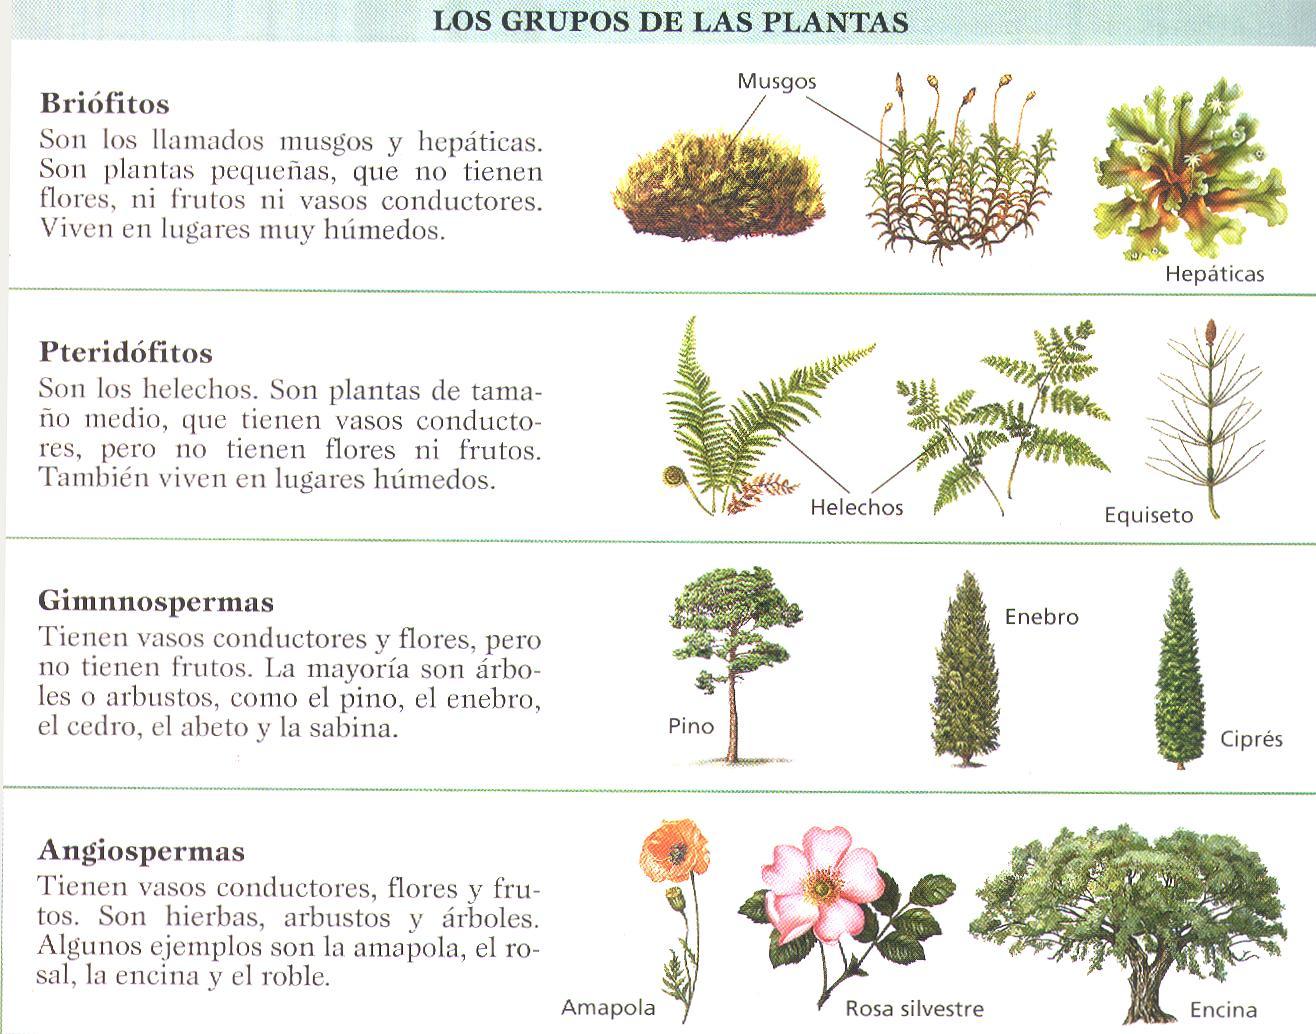 Lolita gomez julio 2012 for Diferencia entre arboles de hoja caduca y hoja perenne